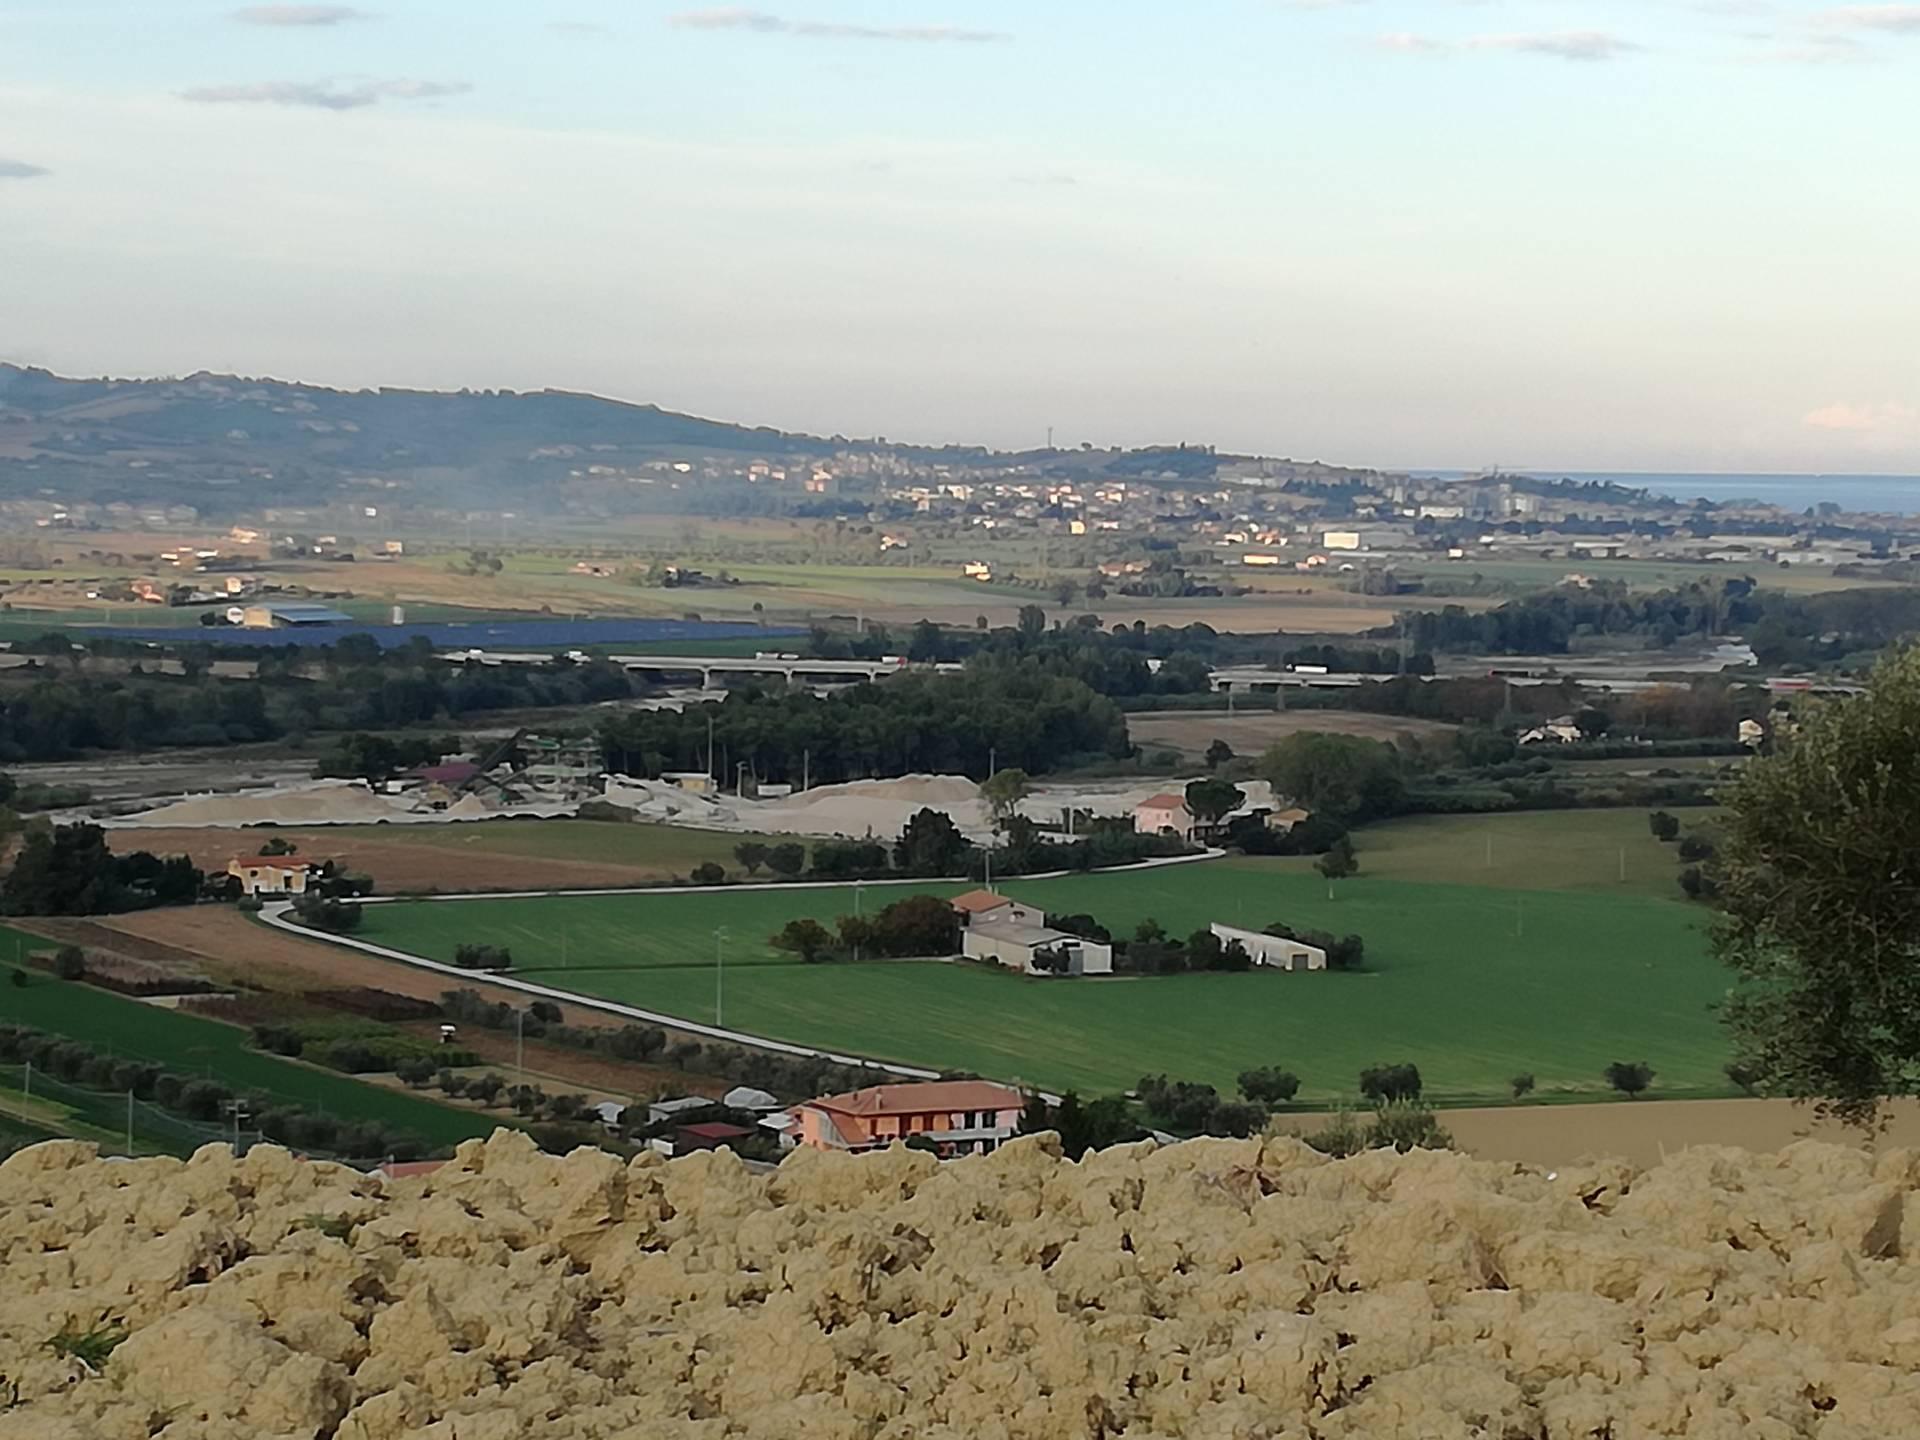 Terreno Agricolo in vendita a Atri, 9999 locali, prezzo € 158.000 | Cambio Casa.it